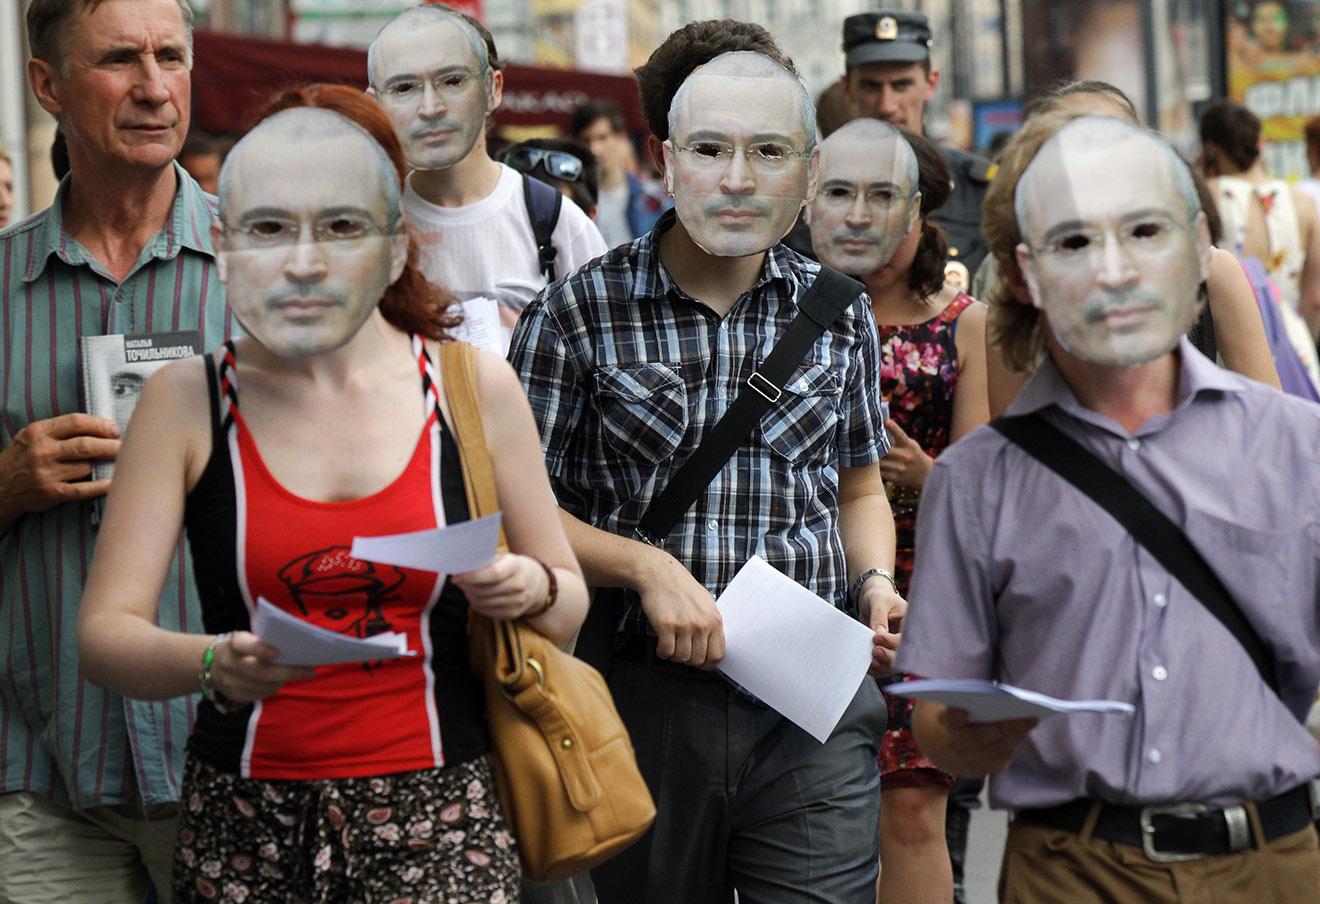 Акция, приуроченная 50-летнему юбилею Михаила Ходорковского в Санкт-Петербурге.